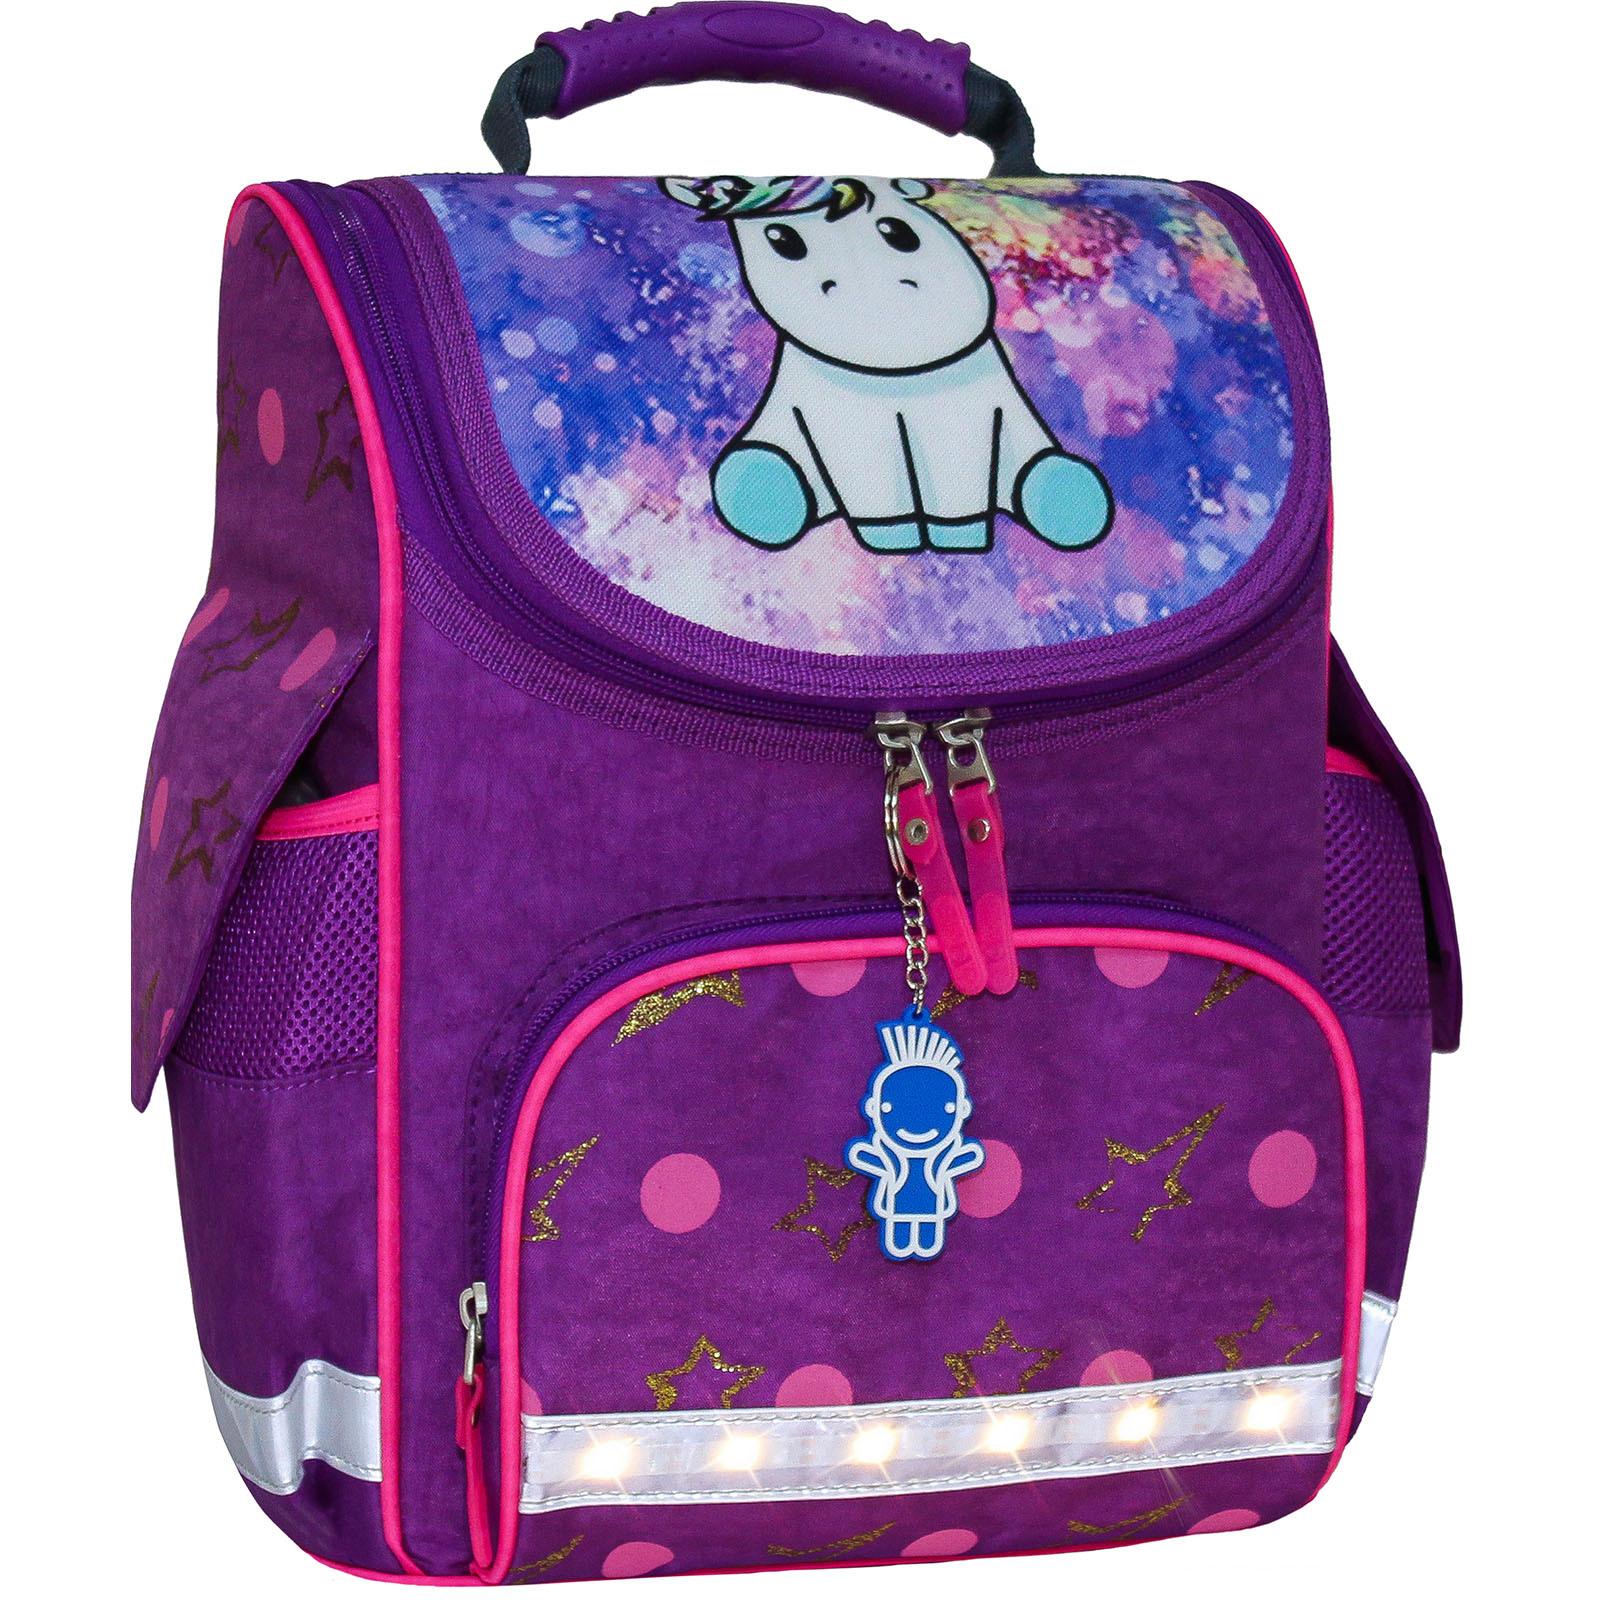 Школьные рюкзаки Рюкзак школьный каркасный с фонариками Bagland Успех 12 л. фиолетовый 428 (00551703) IMG_7250_блеск.jpg